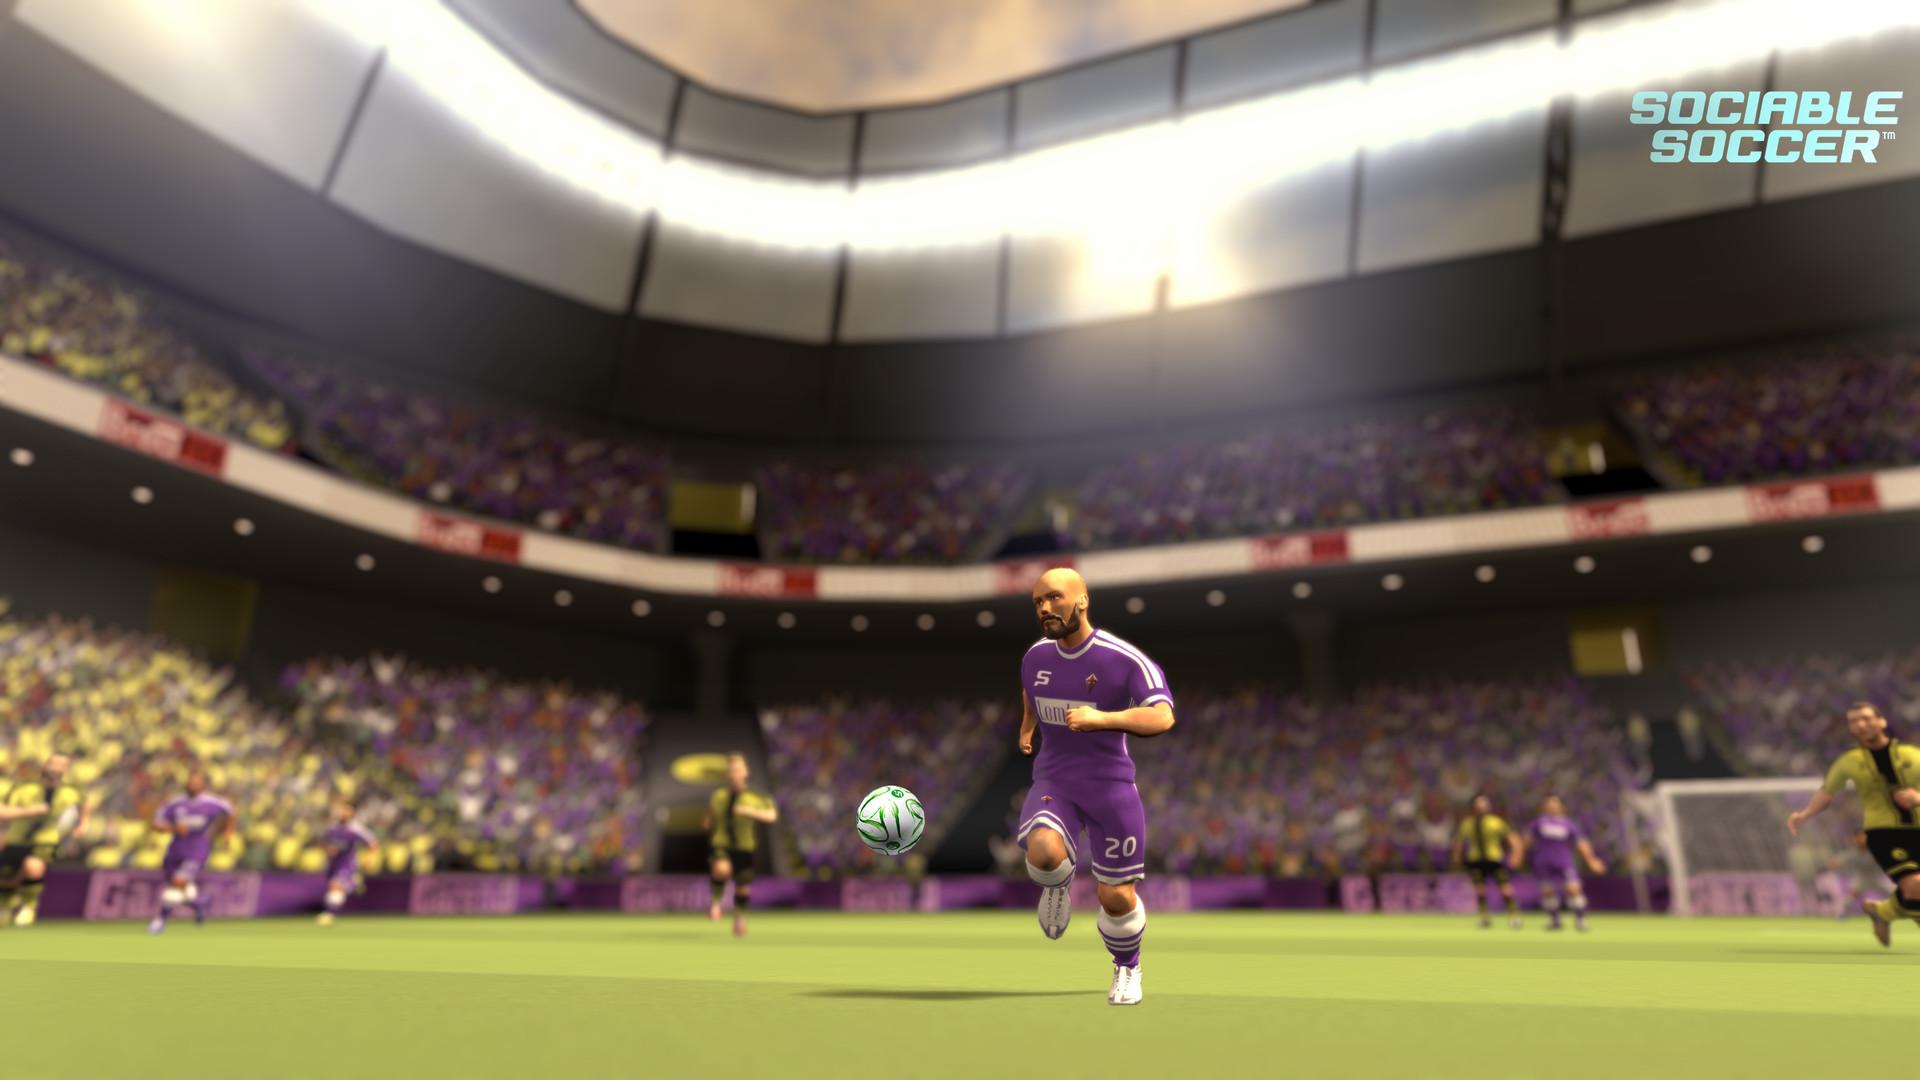 交际足球图片